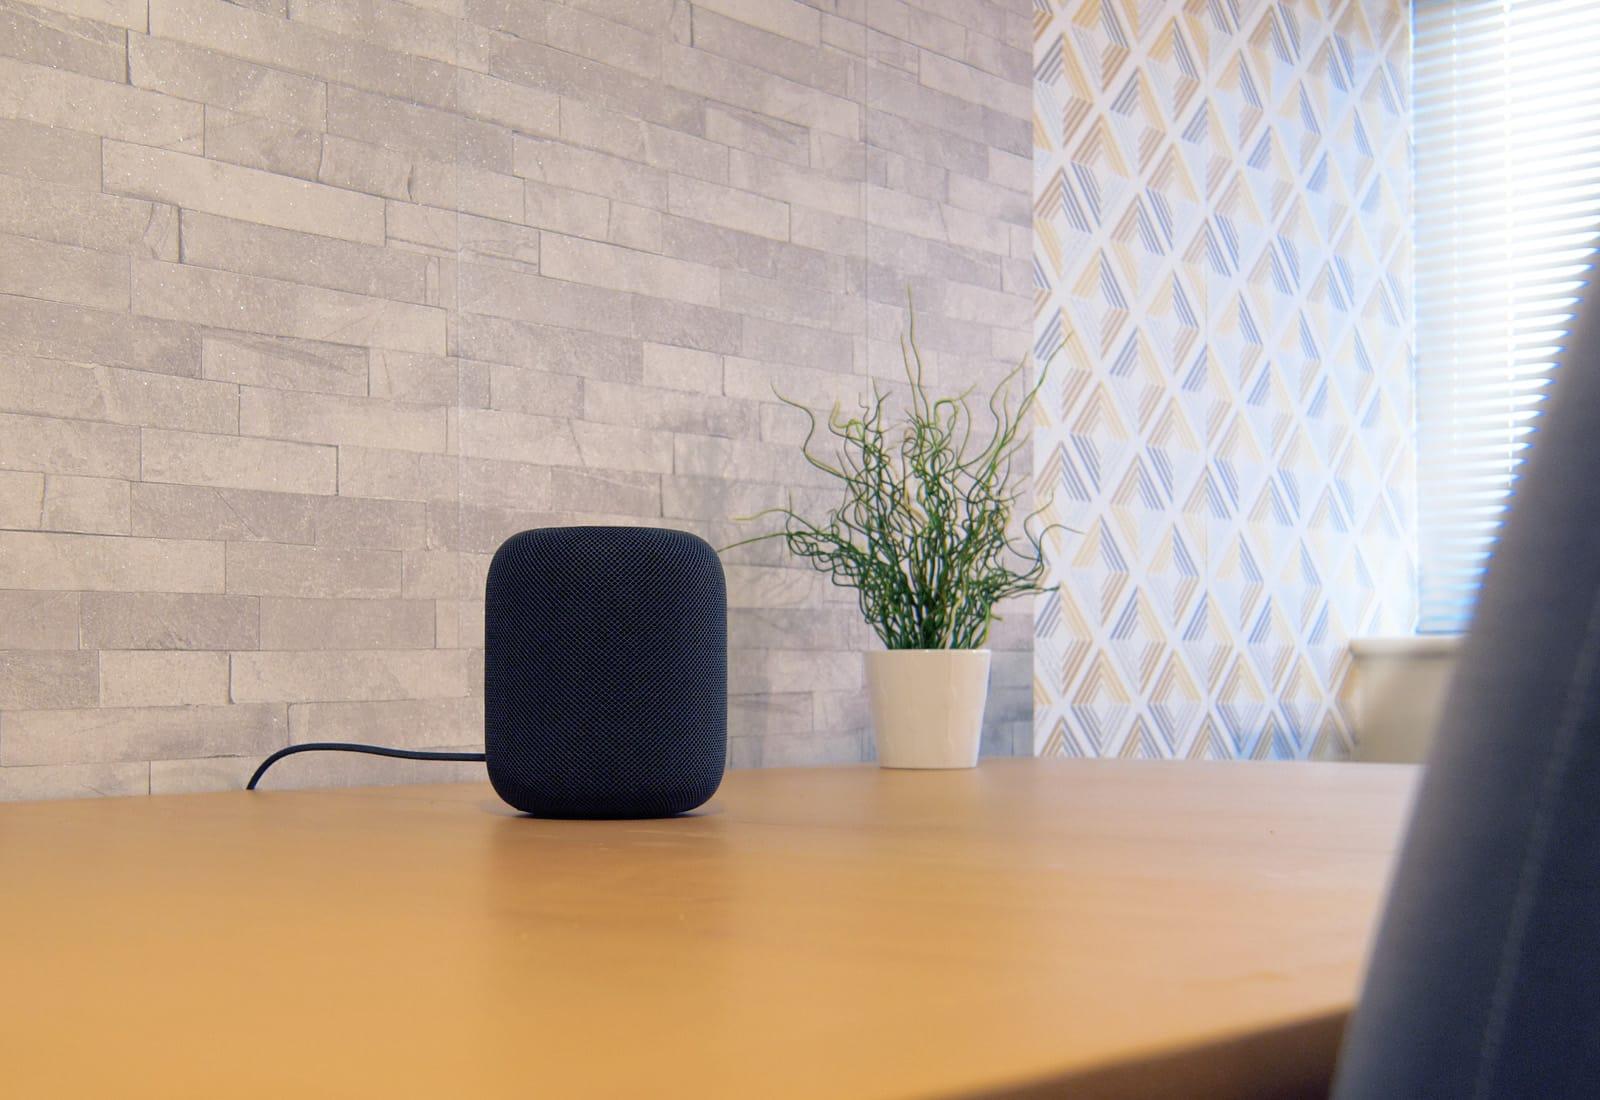 HomePod Siri Speaker